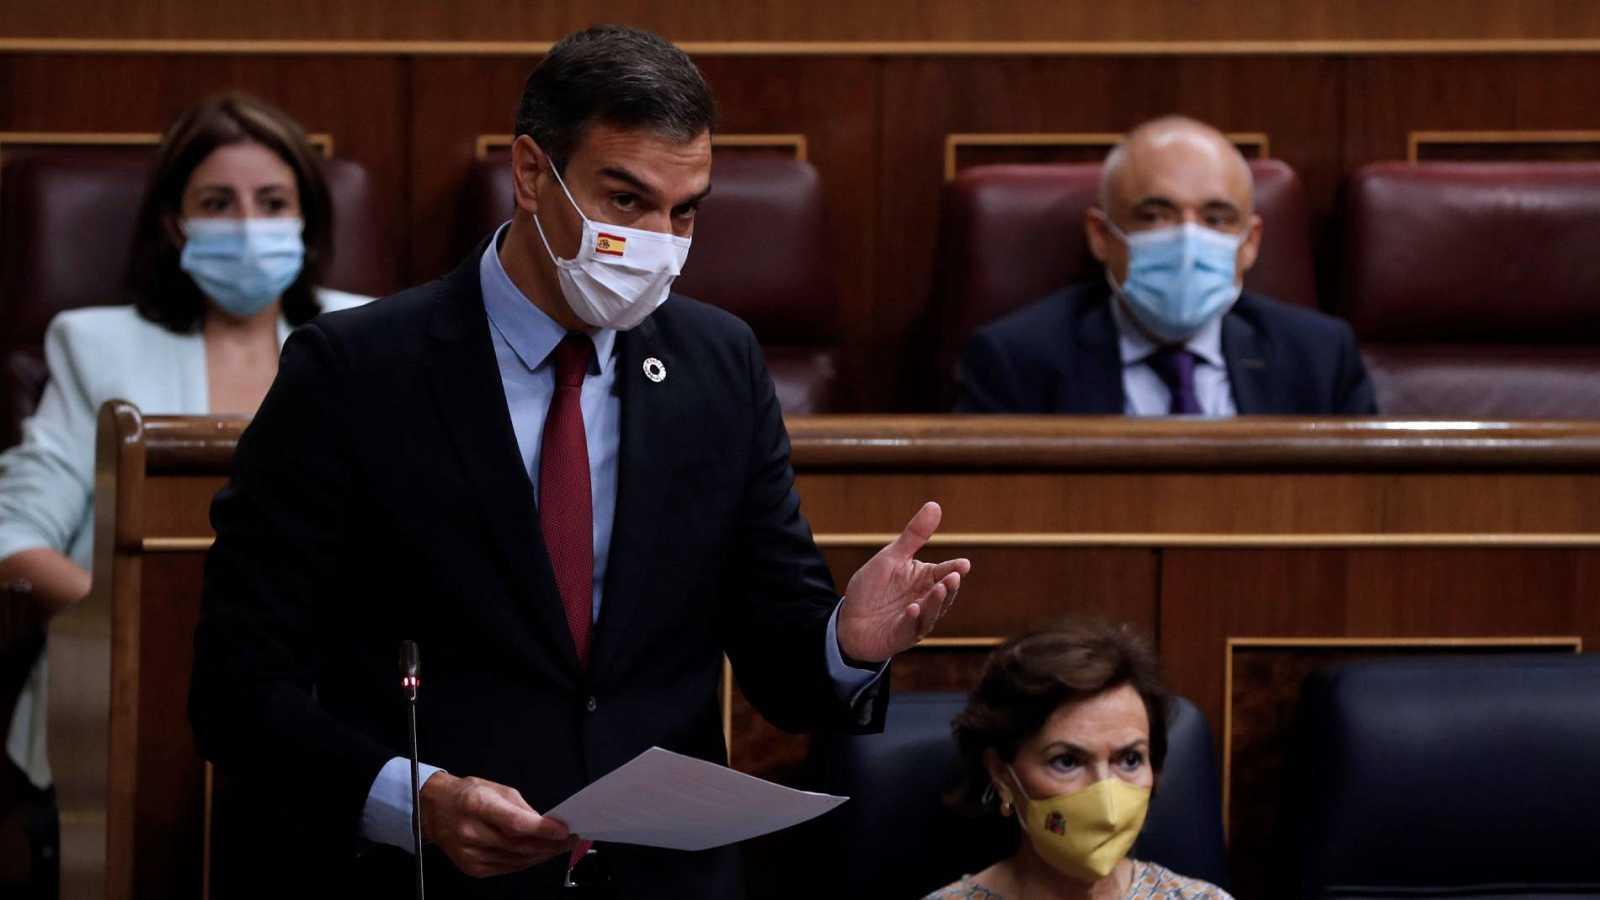 Los reproches por los casos de corrupción marcan la sesión de control al Gobierno